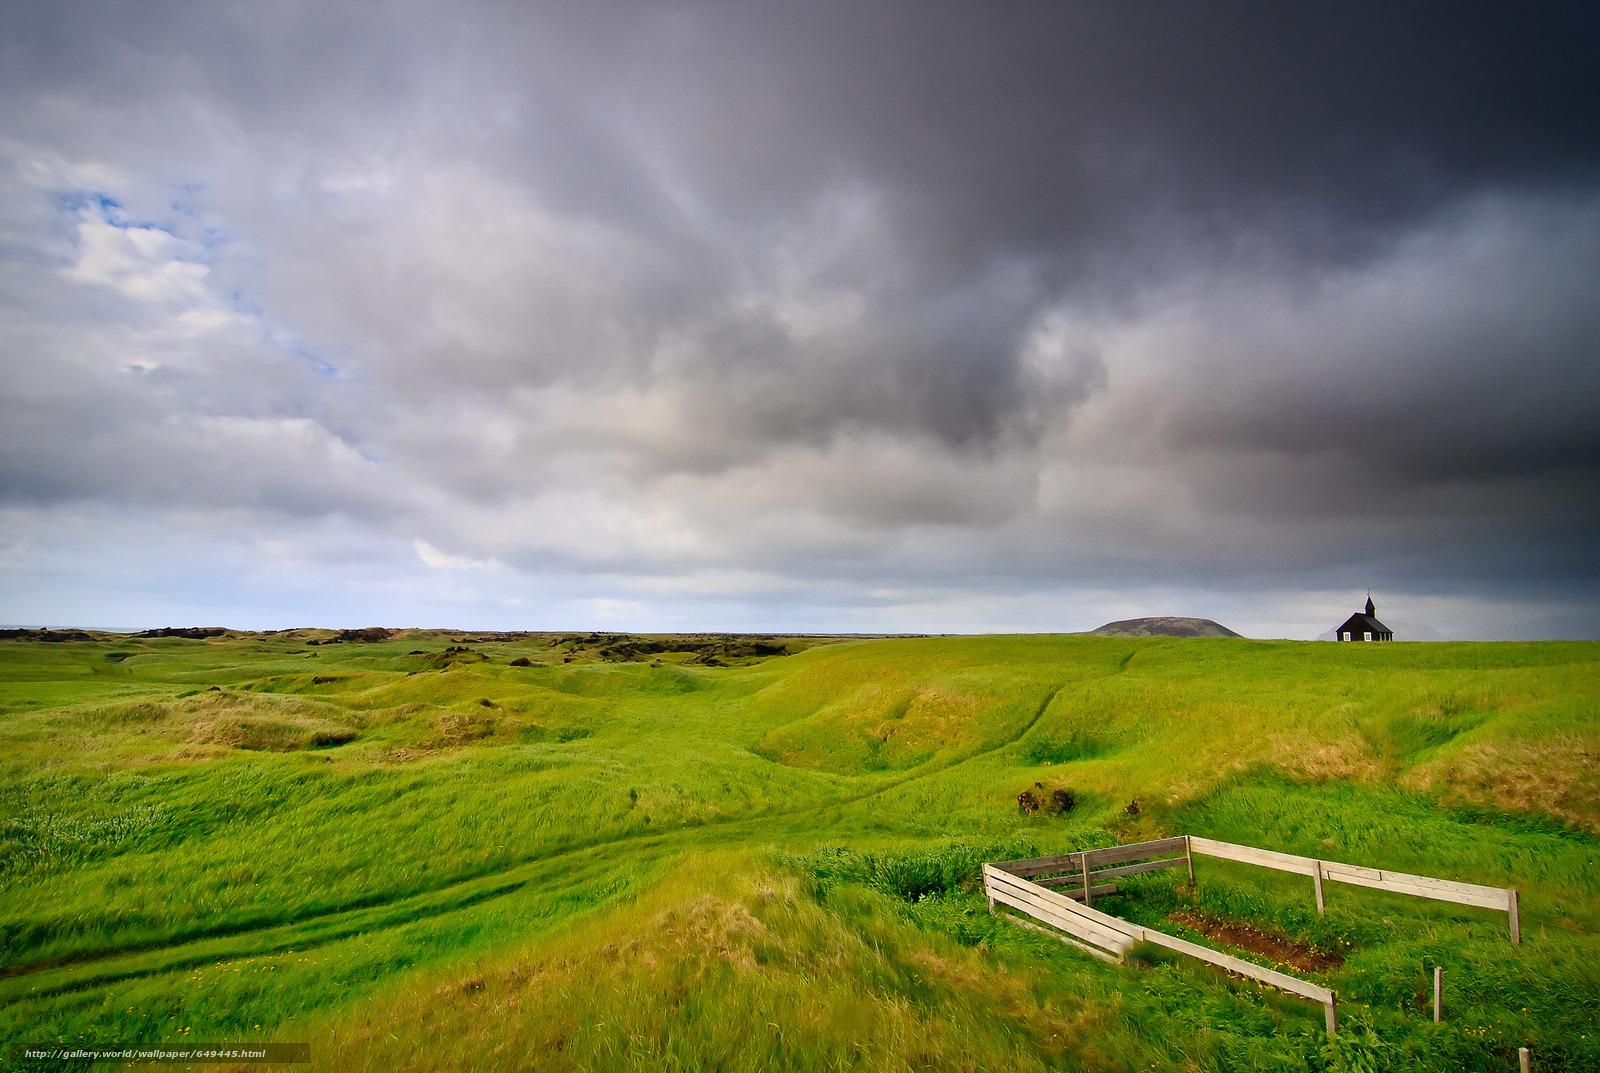 Скачать обои поле,  луг,  небо,  тучи бесплатно для рабочего стола в разрешении 3000x2011 — картинка №649445